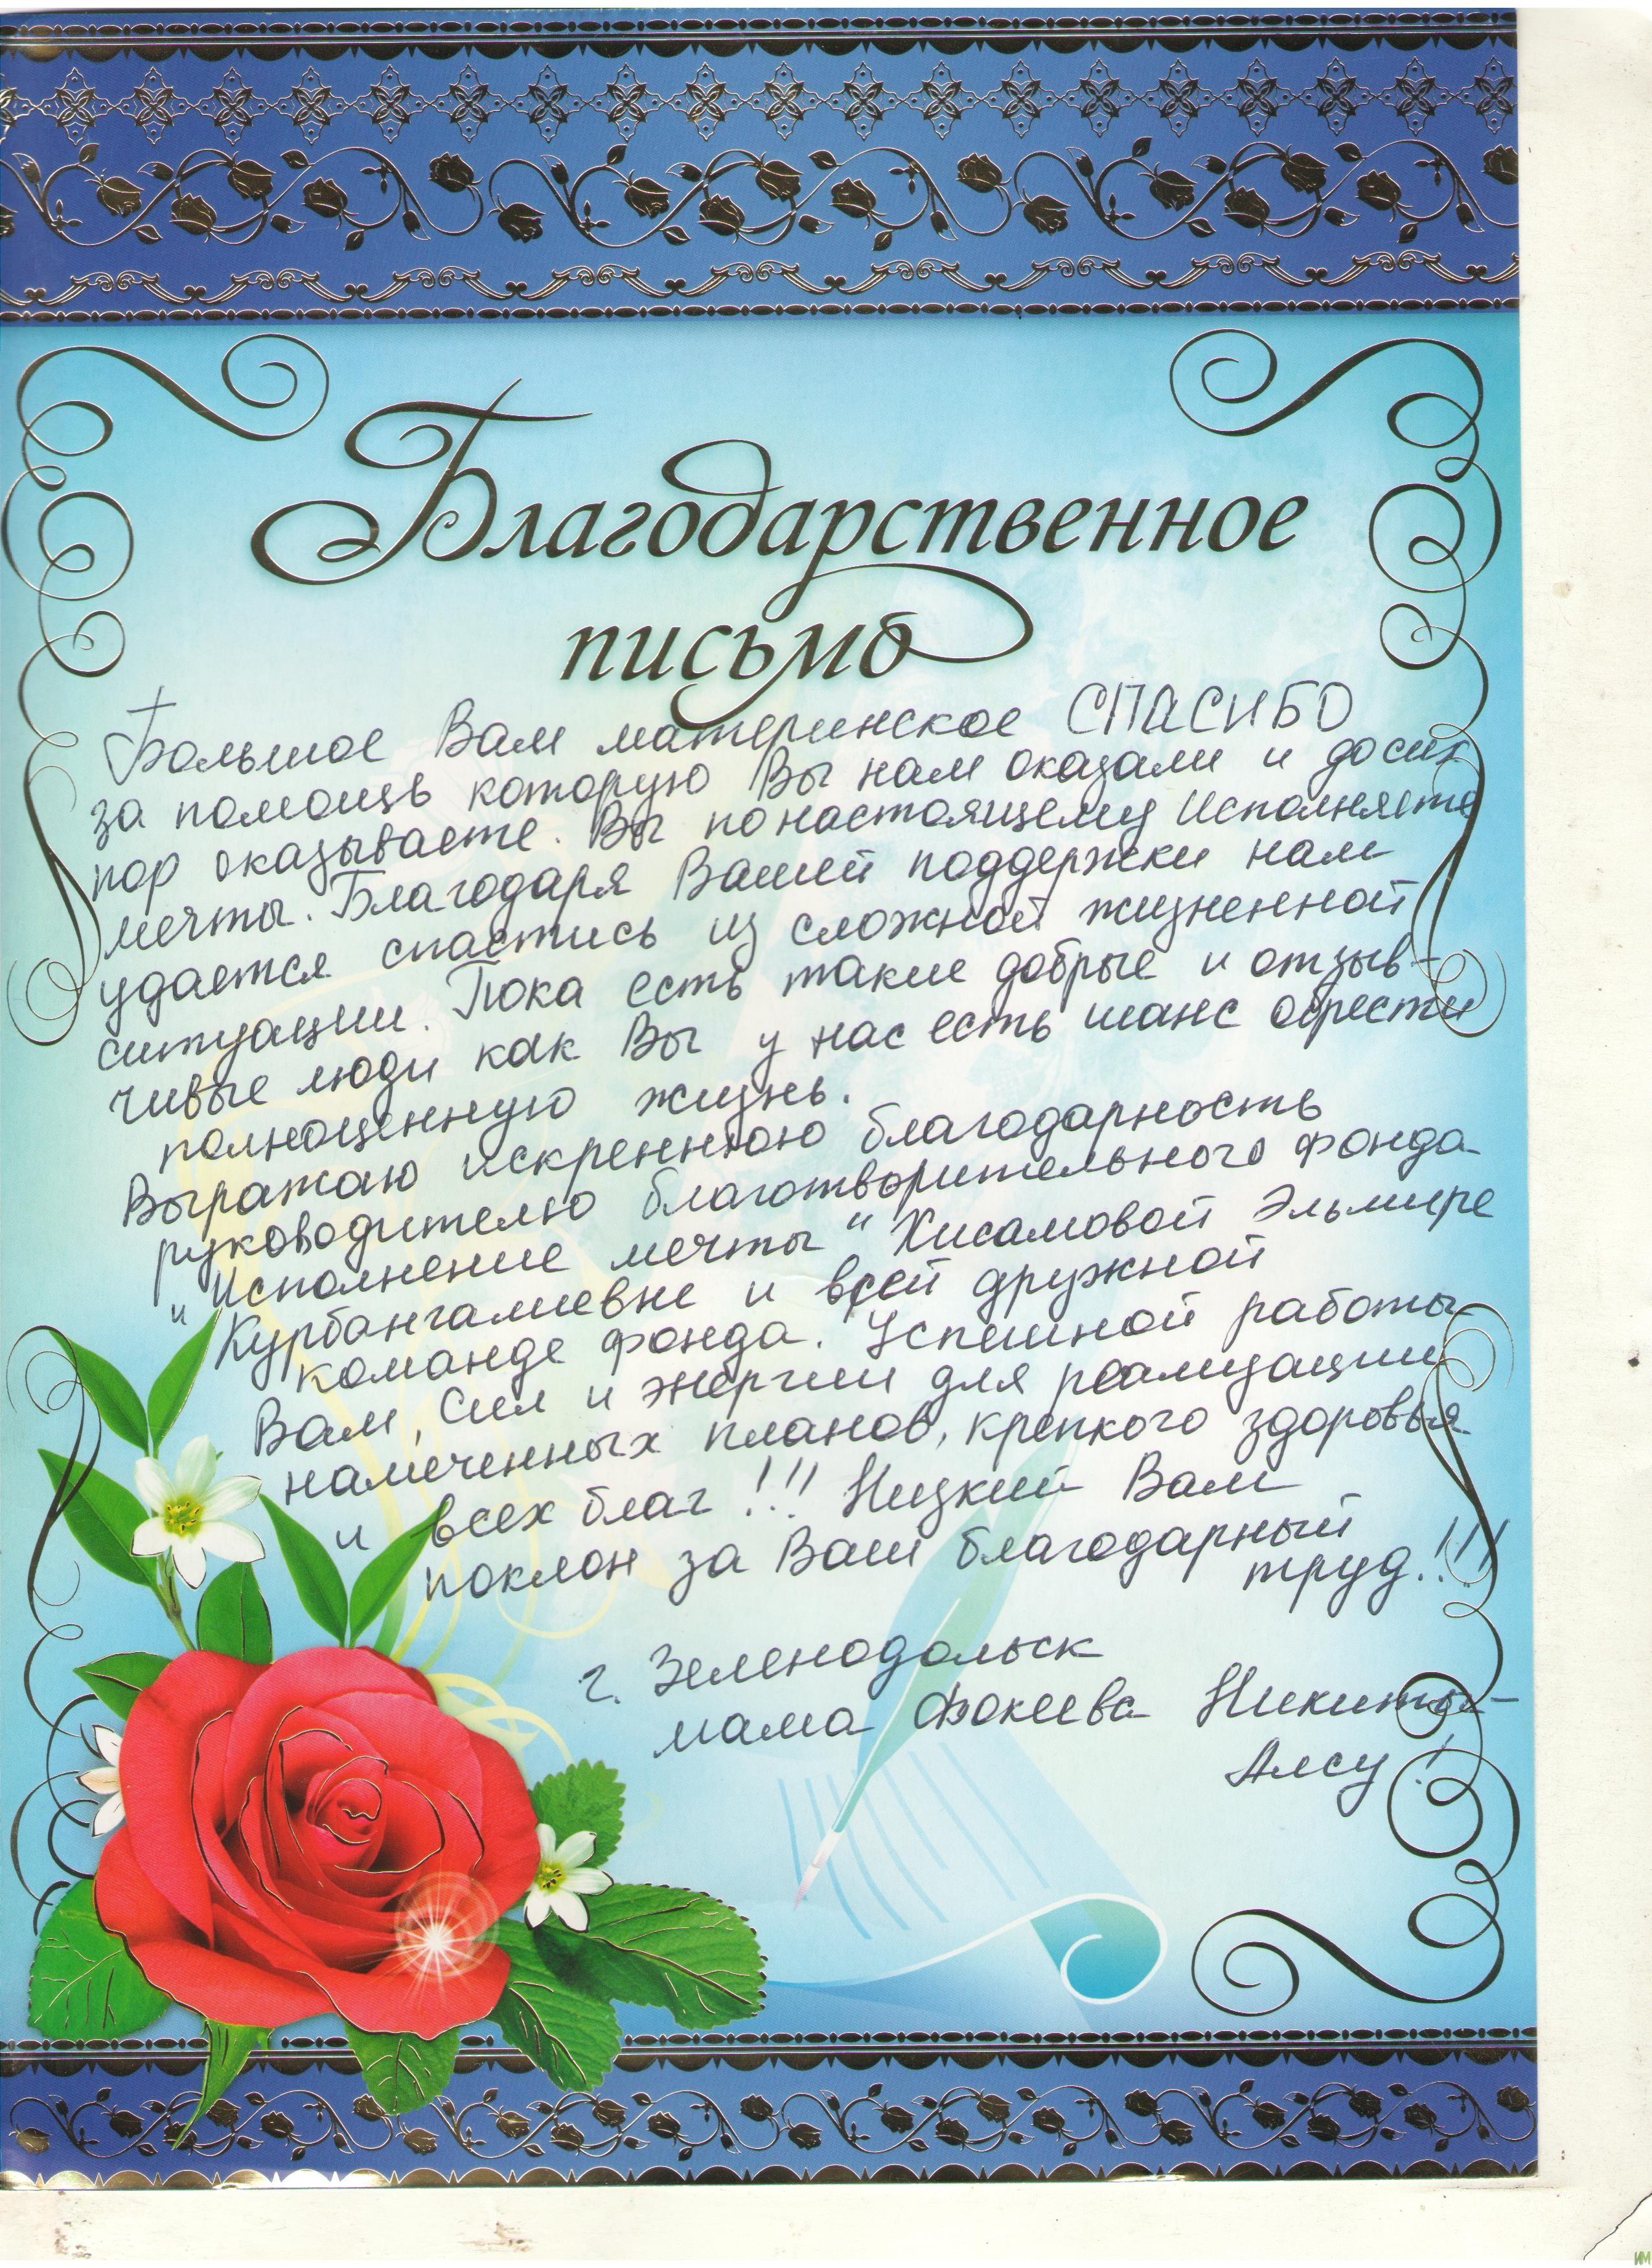 Благодарственное от Фокеевой